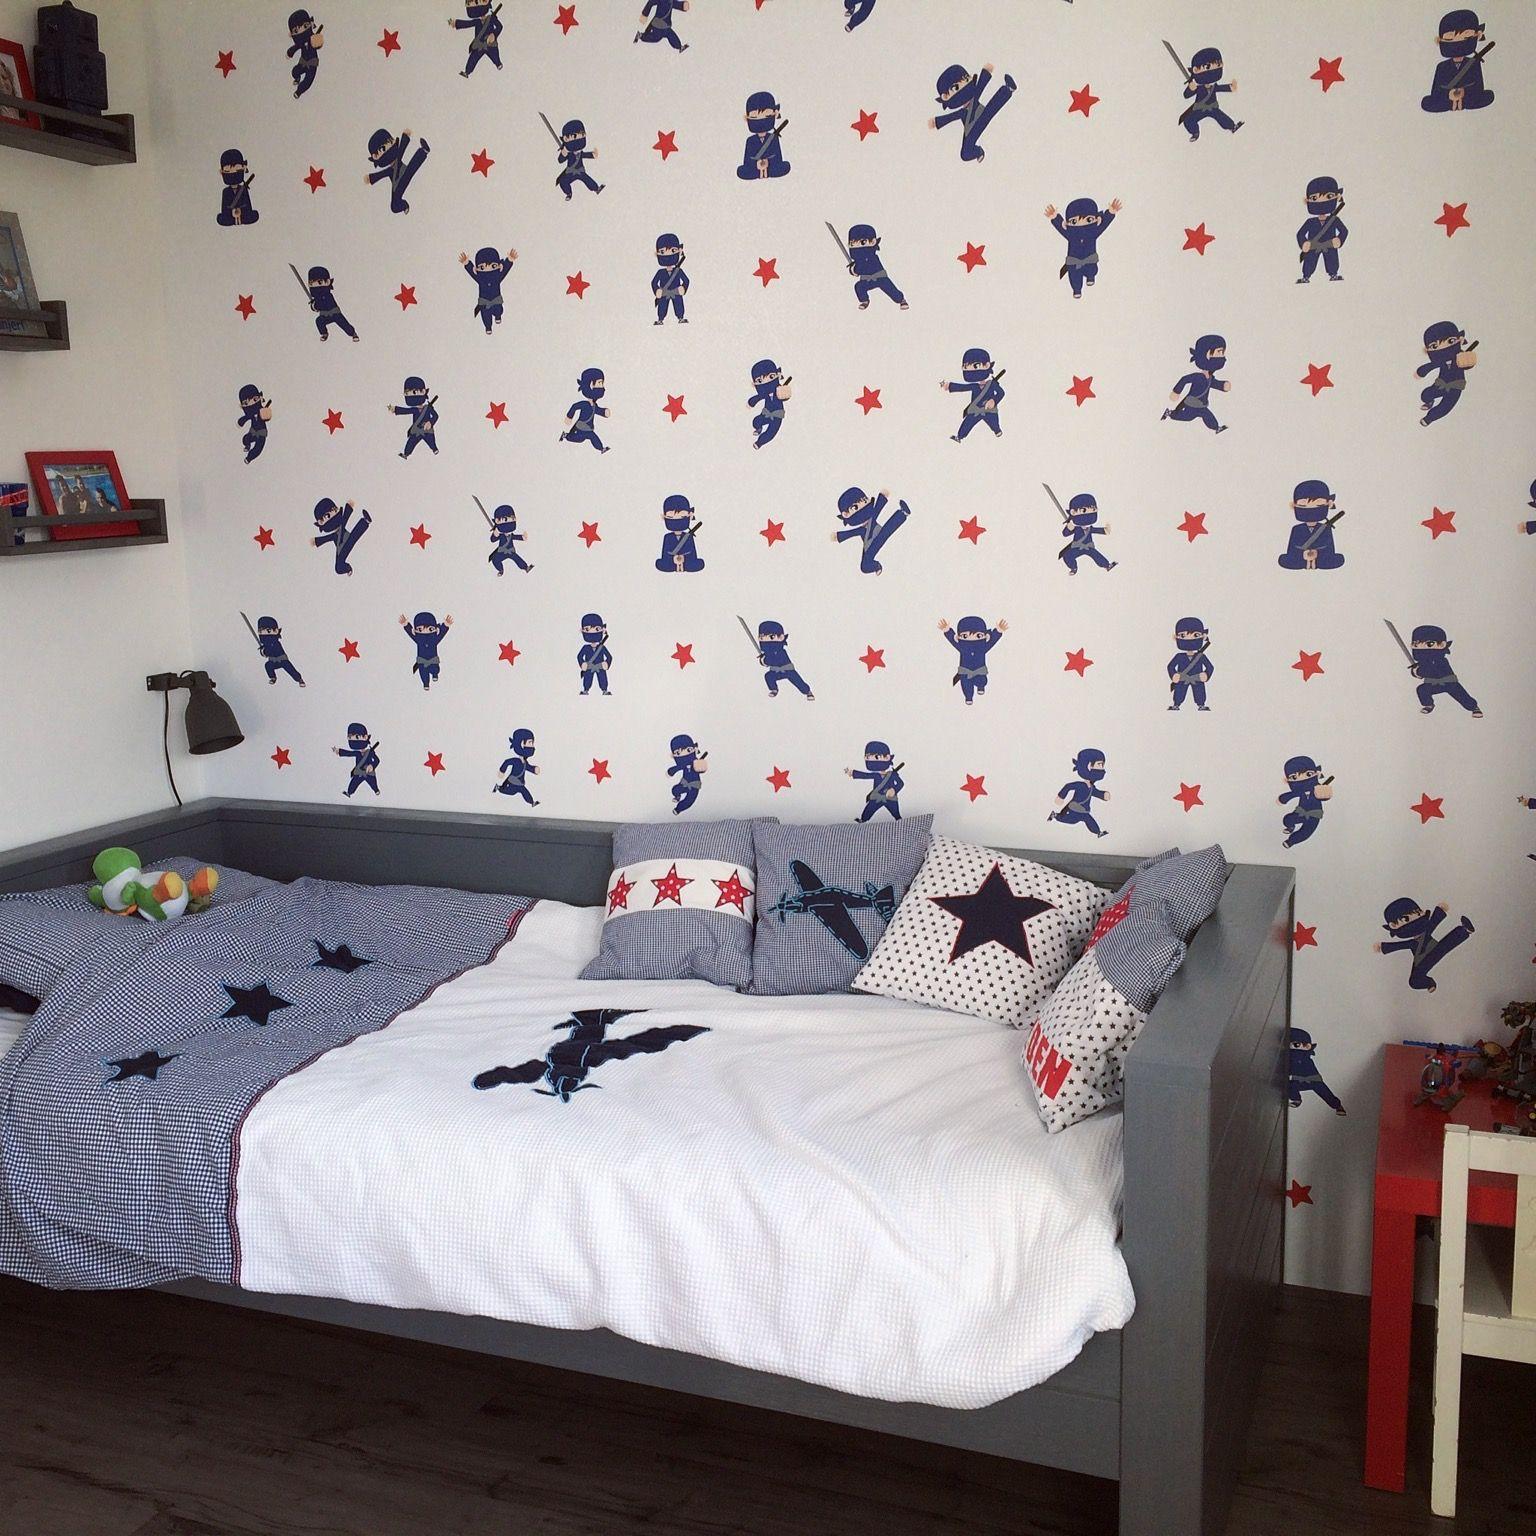 Kinderkamer jongenskamer behang voor jongens ninja Ninjago ...